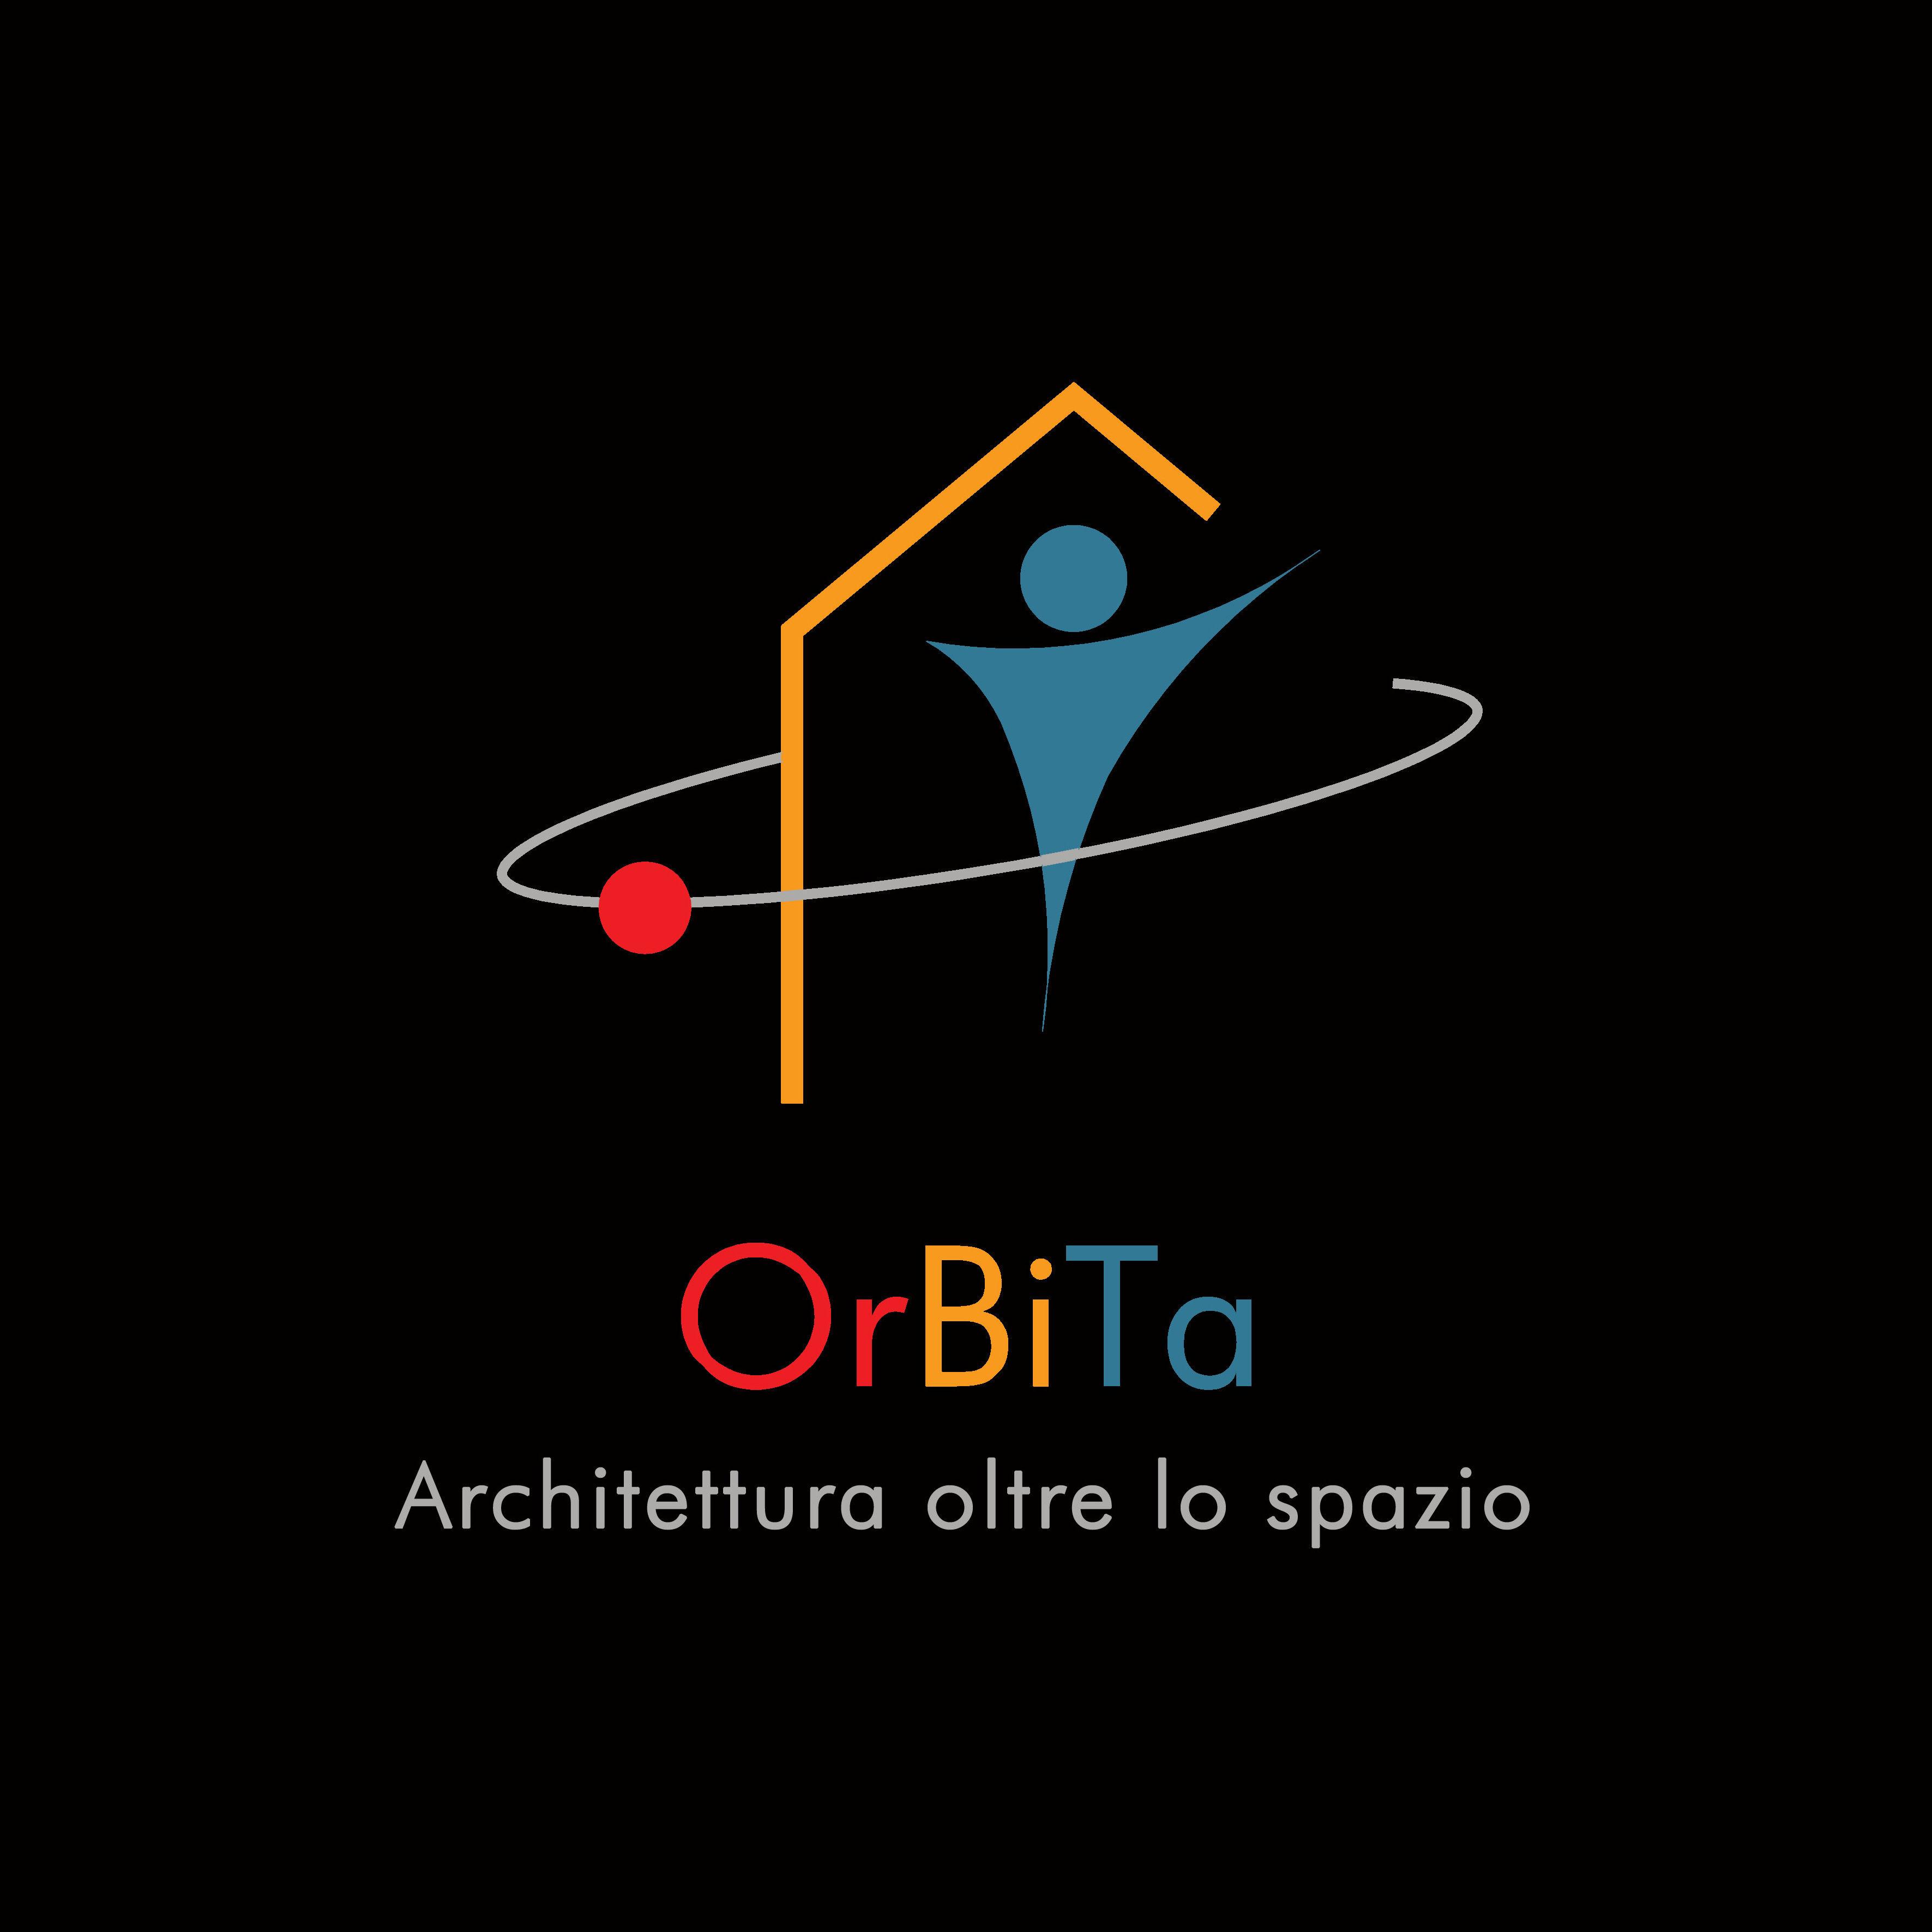 OrBiTa – Architettura oltre lo spazio